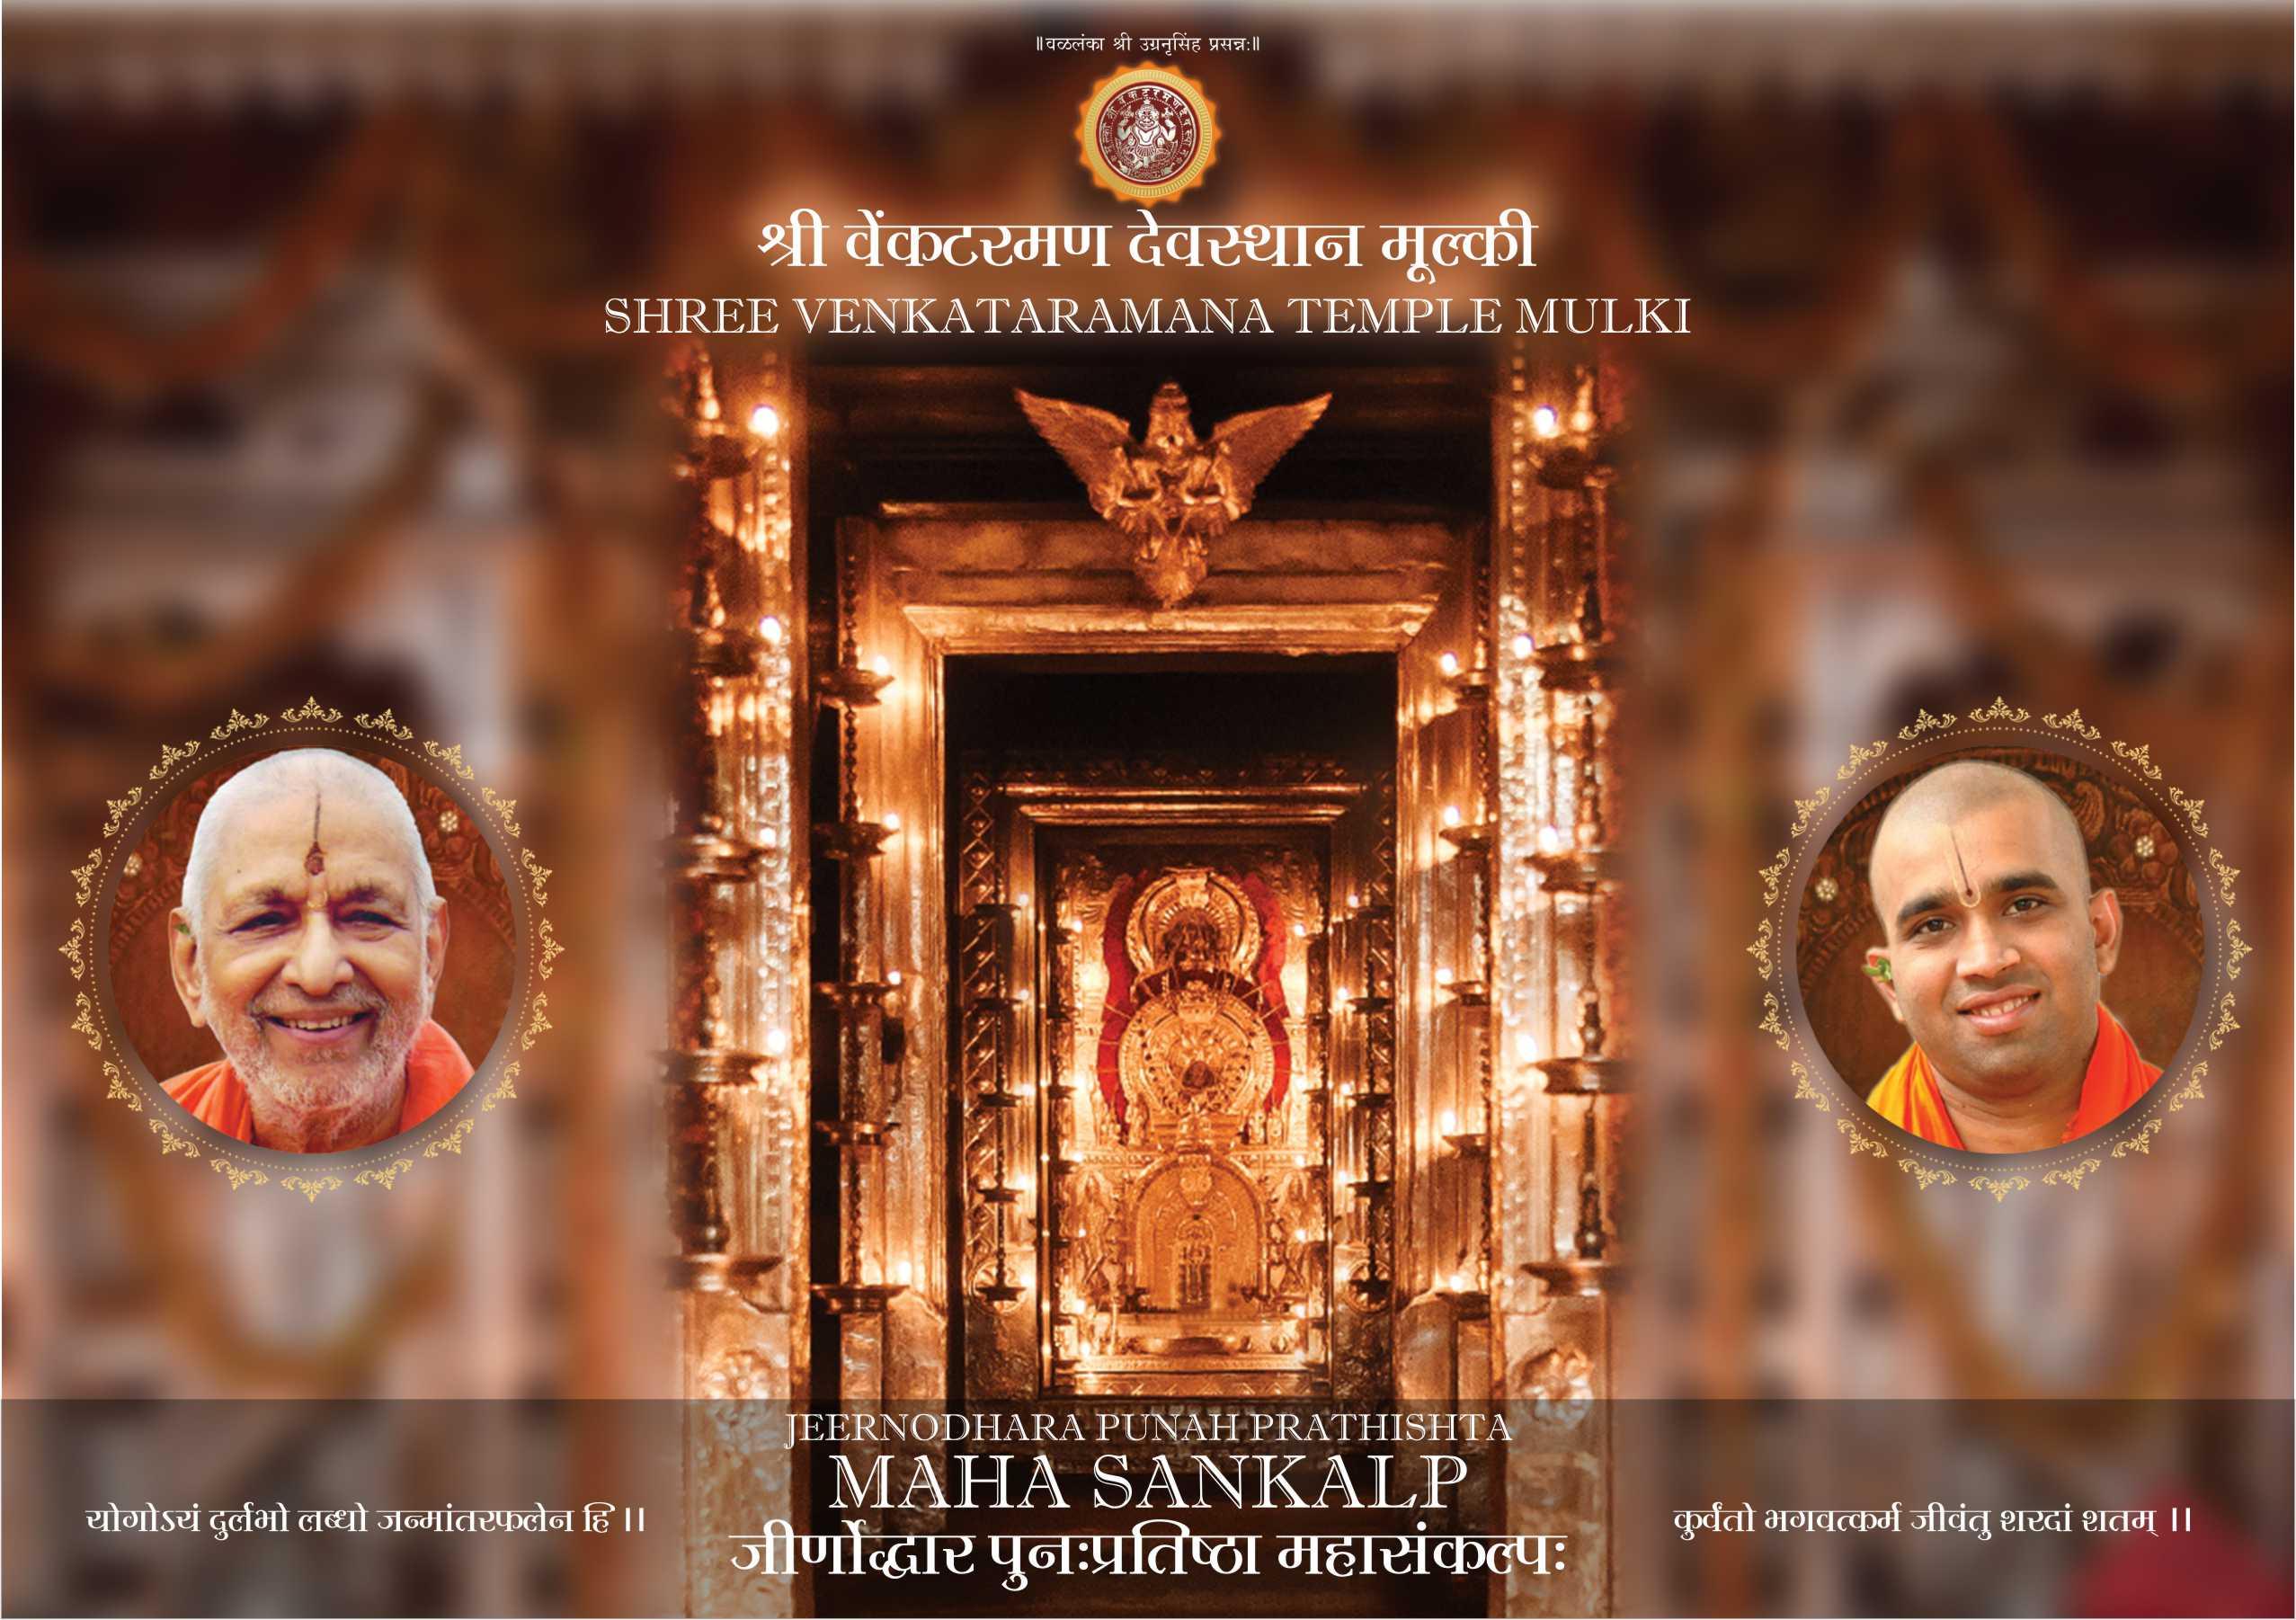 Maha Sankalp